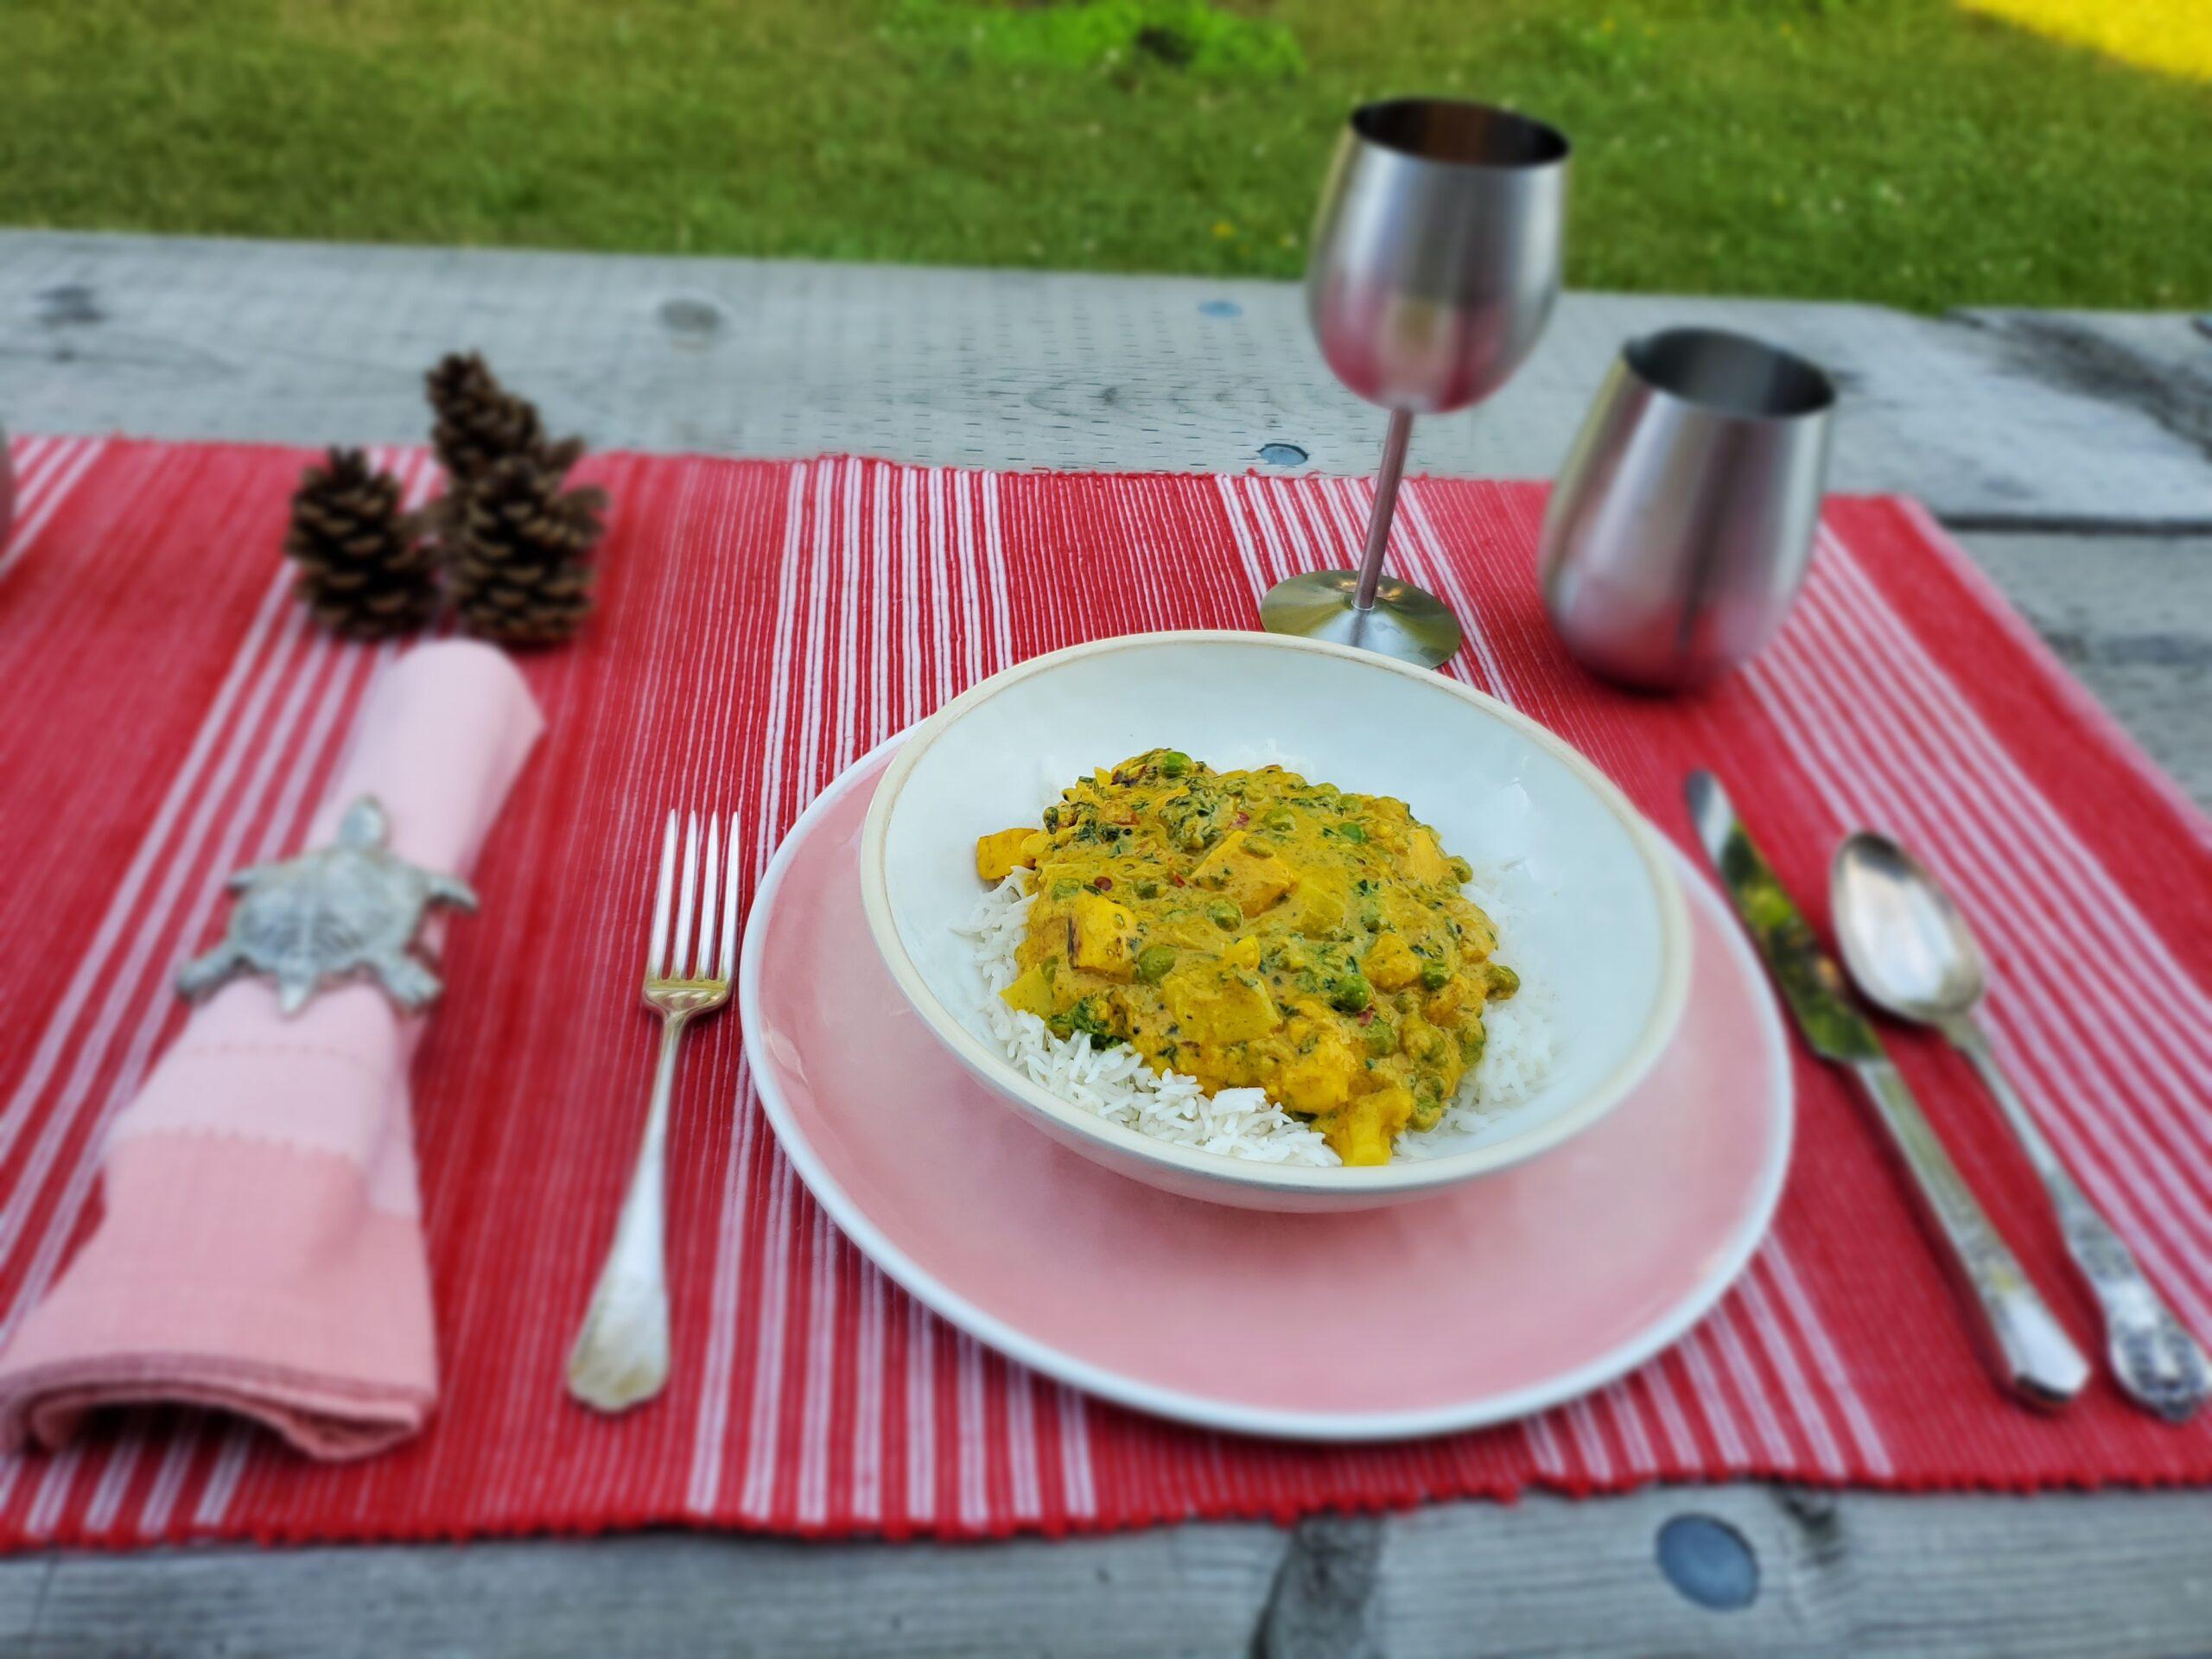 Bowl of Vegetable Halloumi Biryani on a table